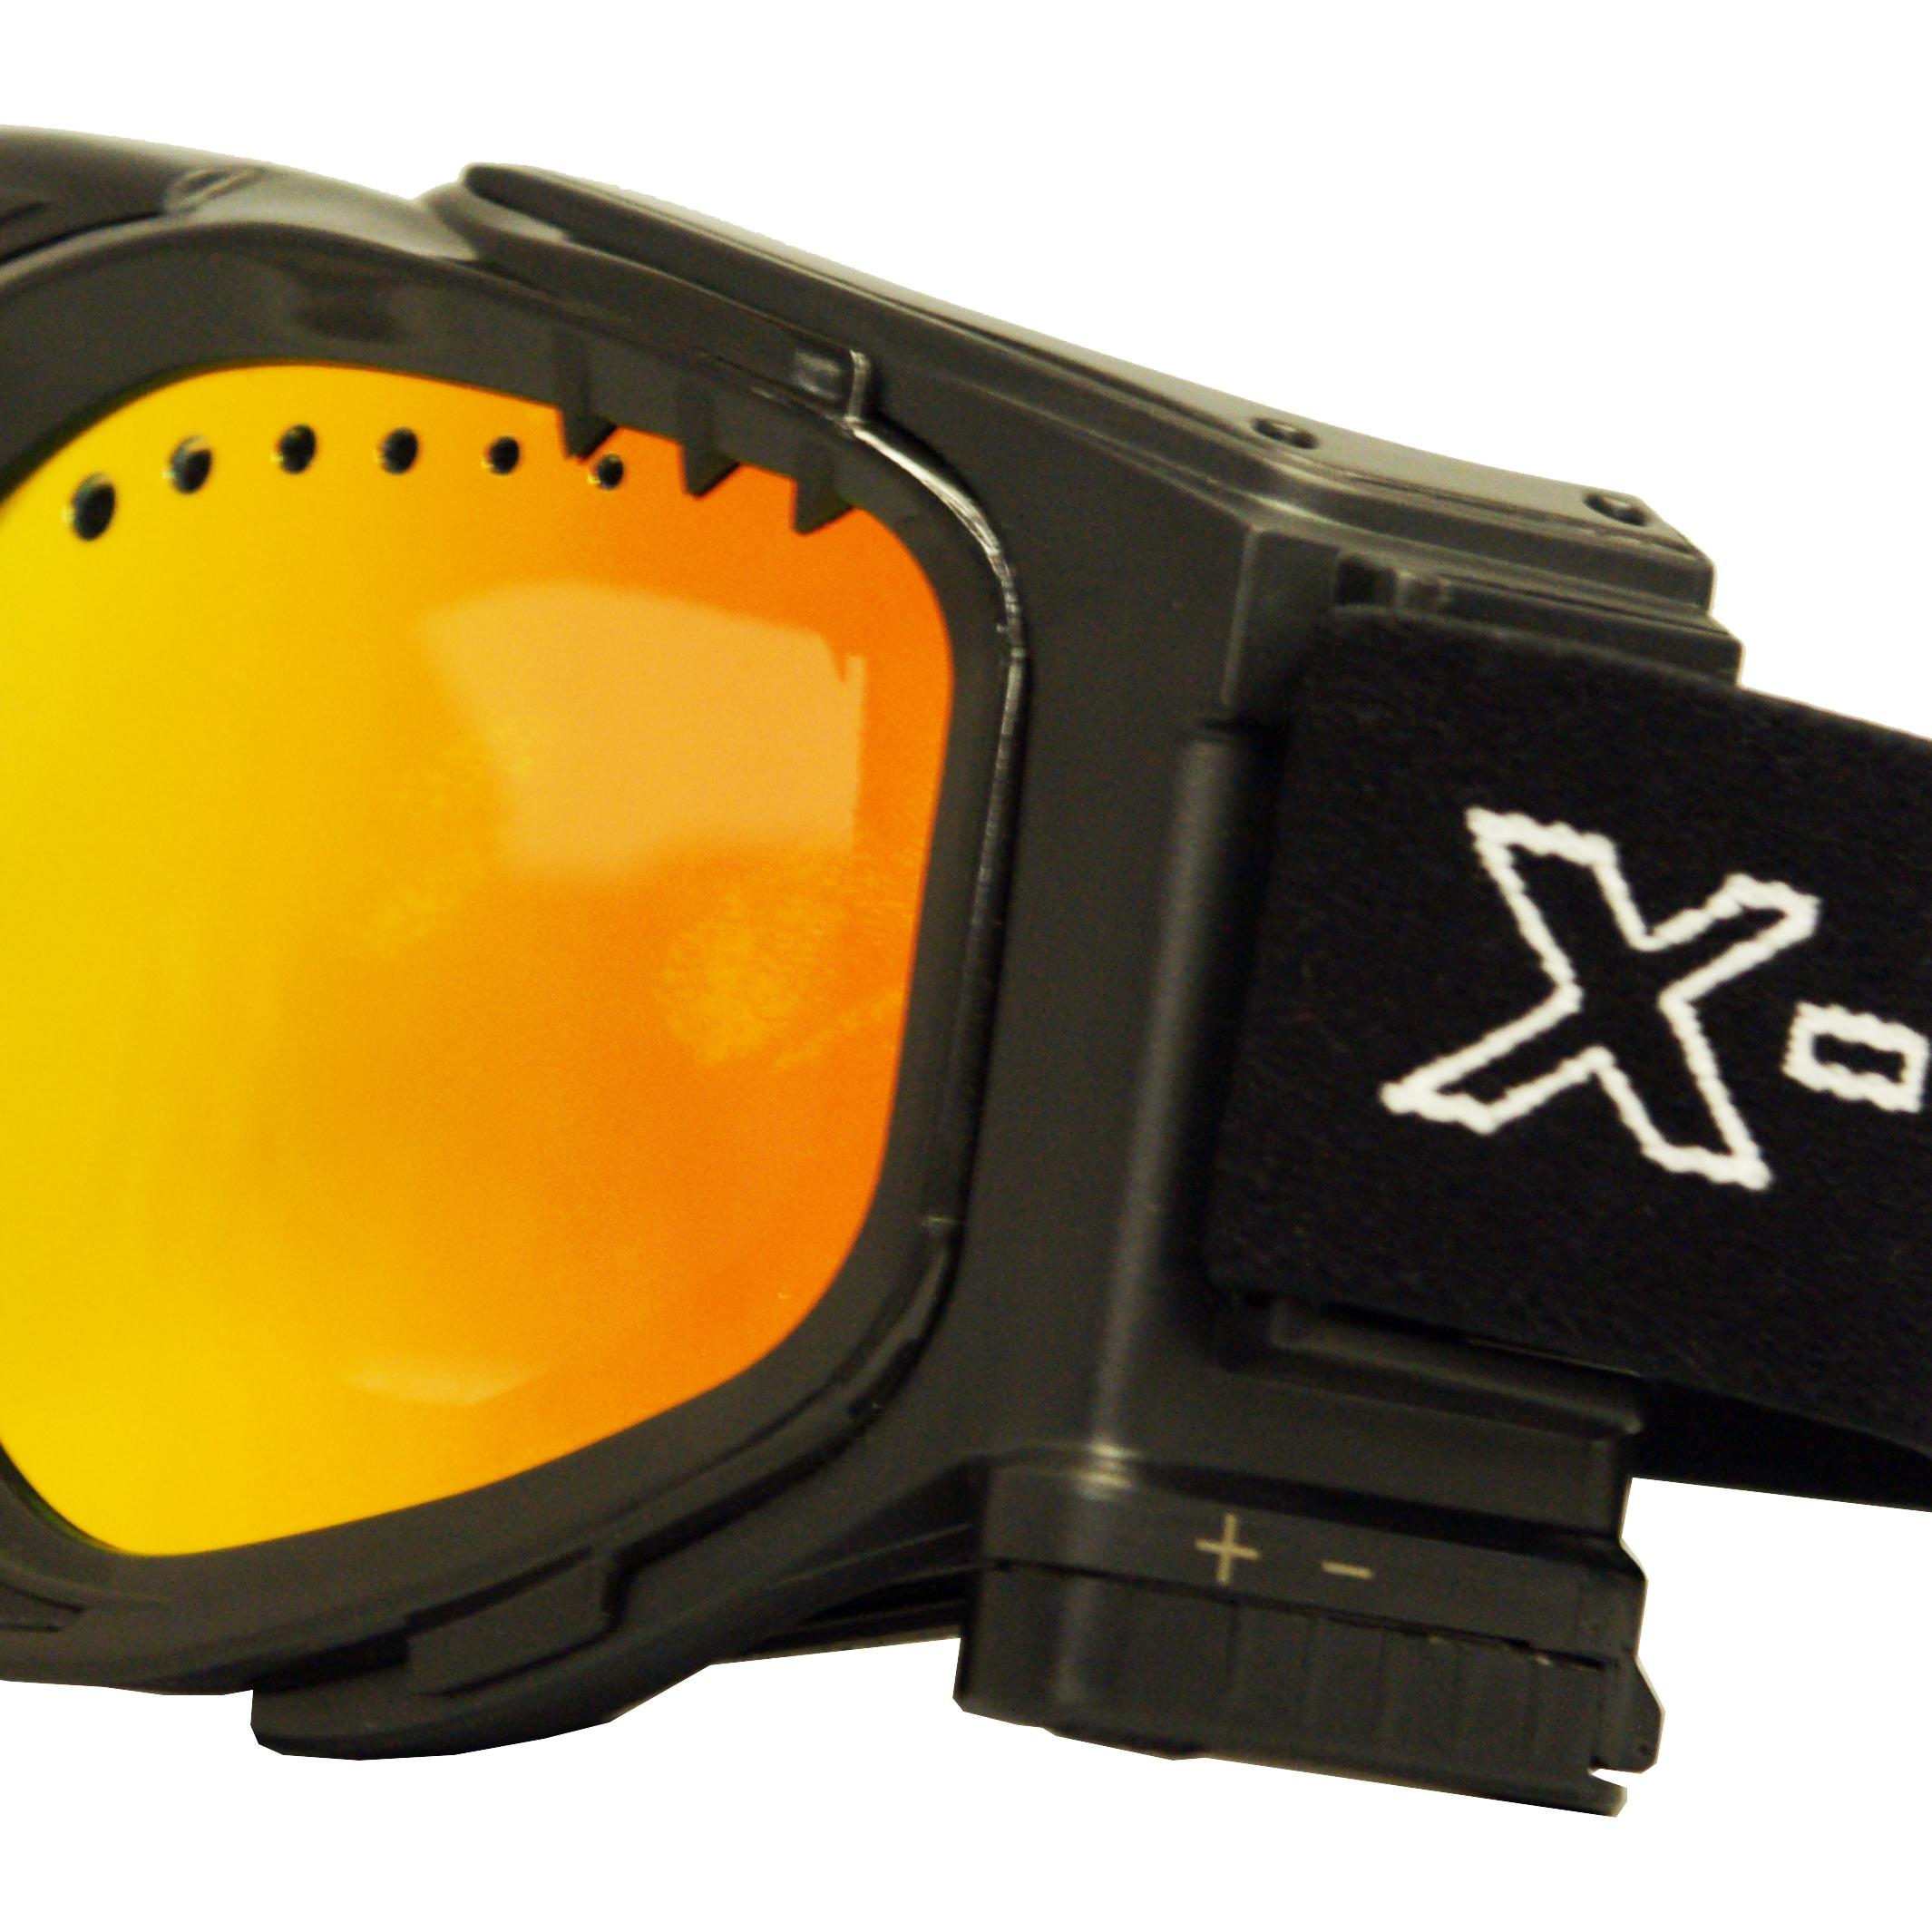 X-TRY XTM100 HD1080p WiFi R